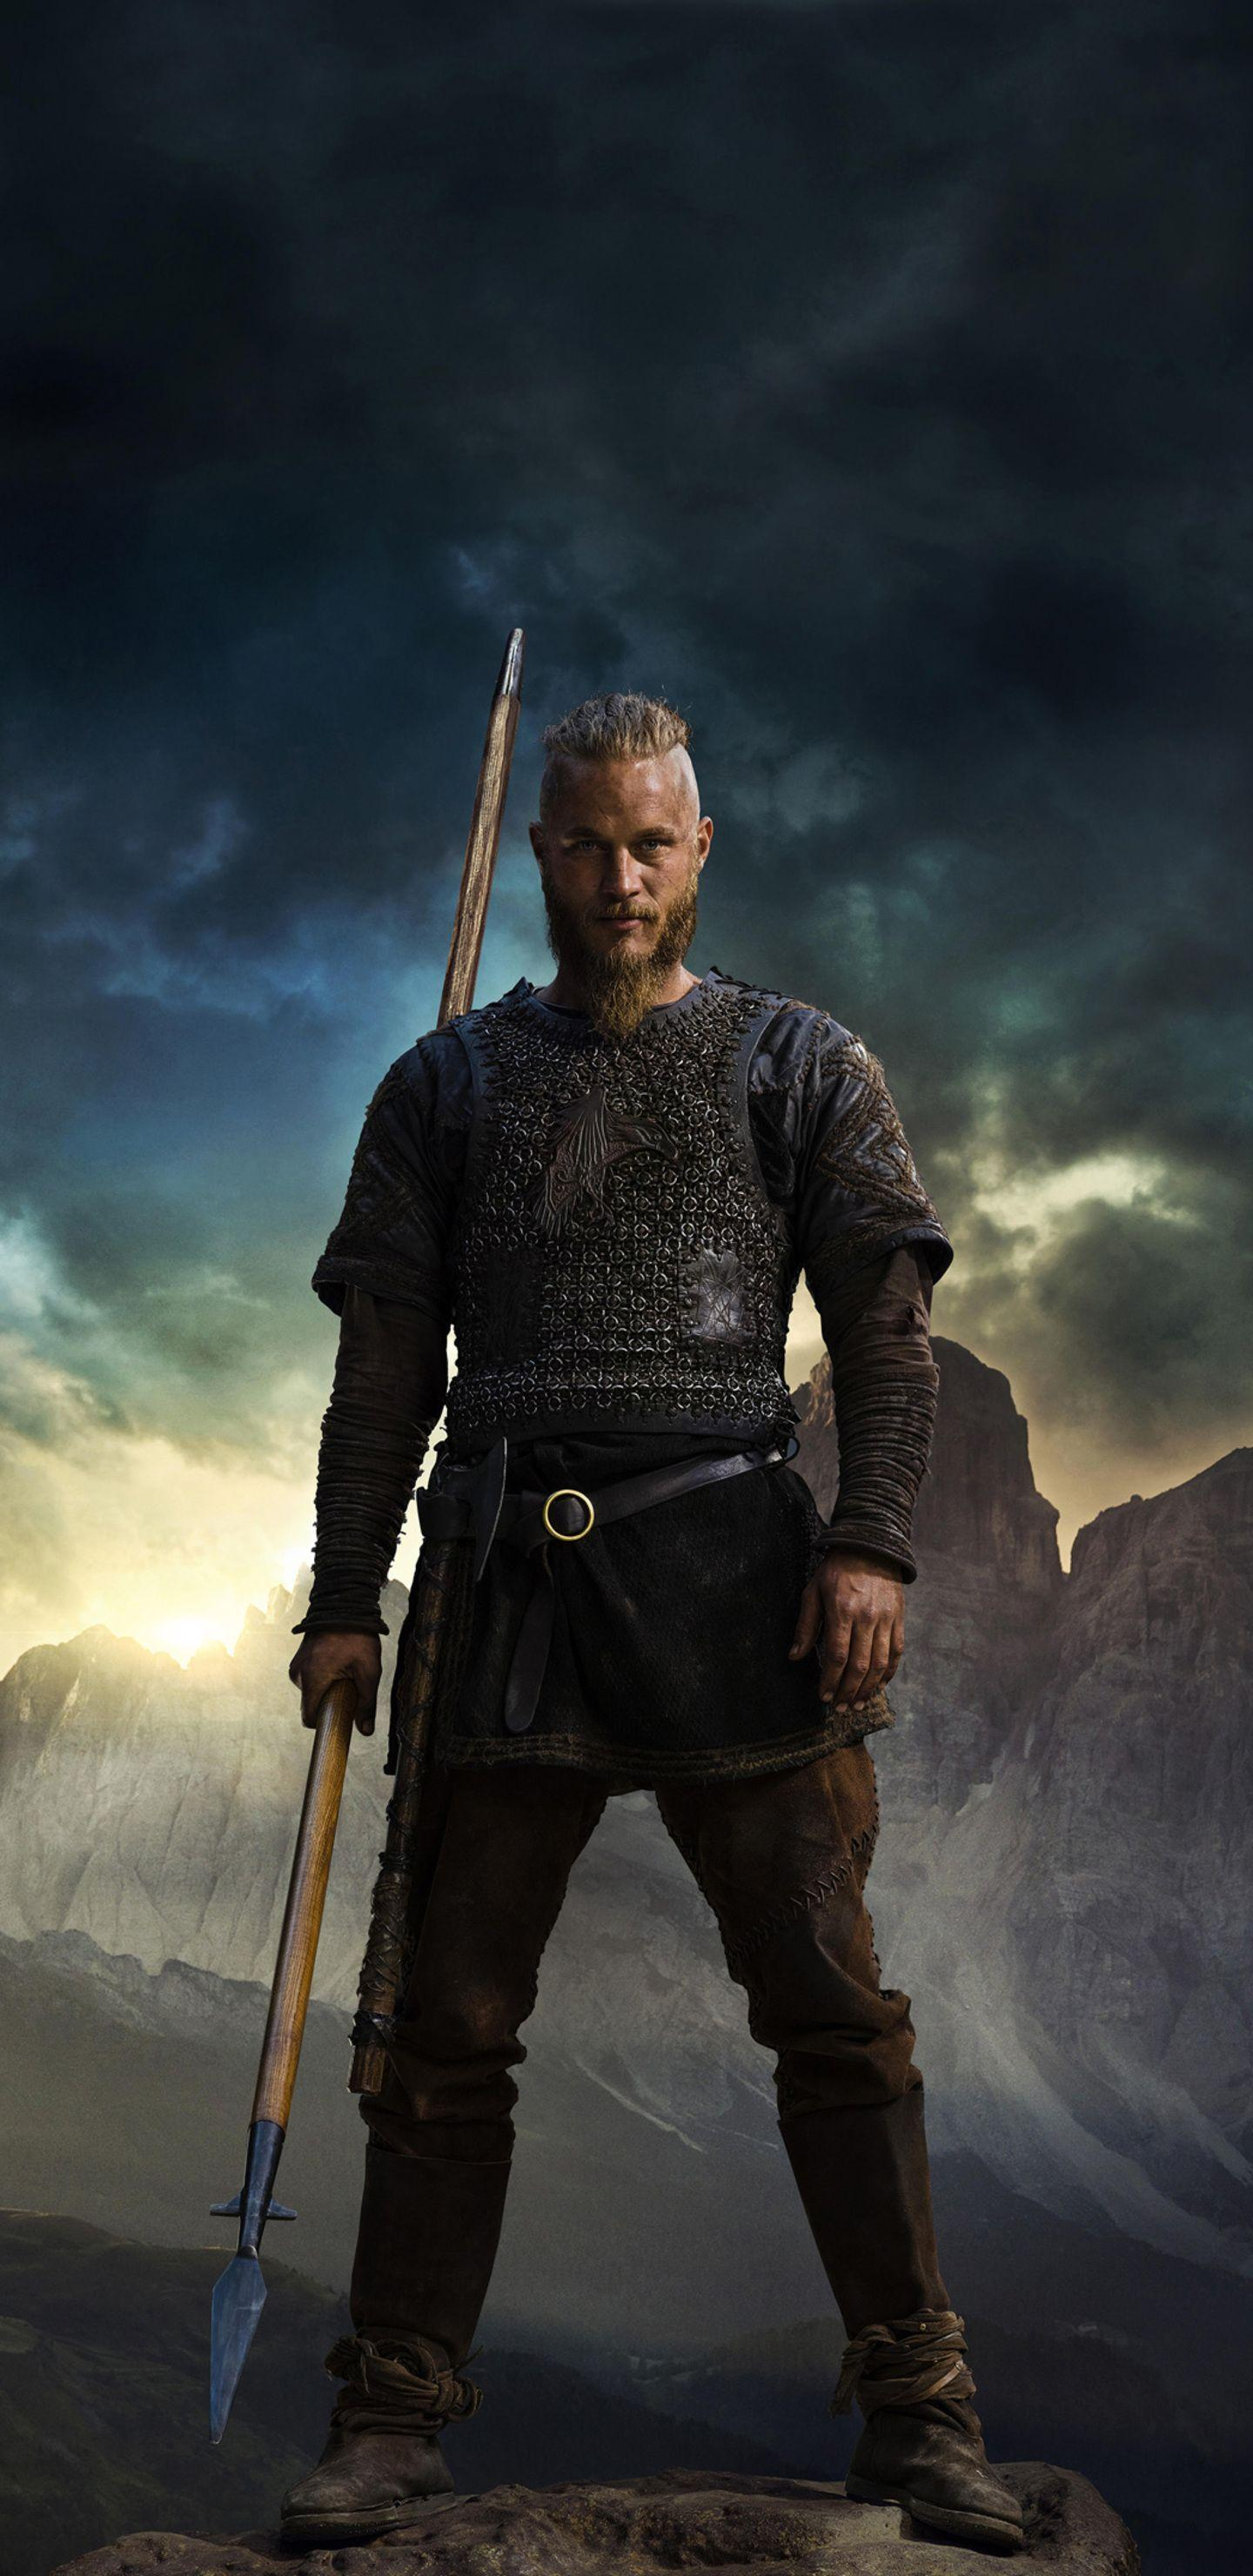 Un fond d'écran futura à télécharger. Vikings Ragnar Wallpapers Wallpaper Cave